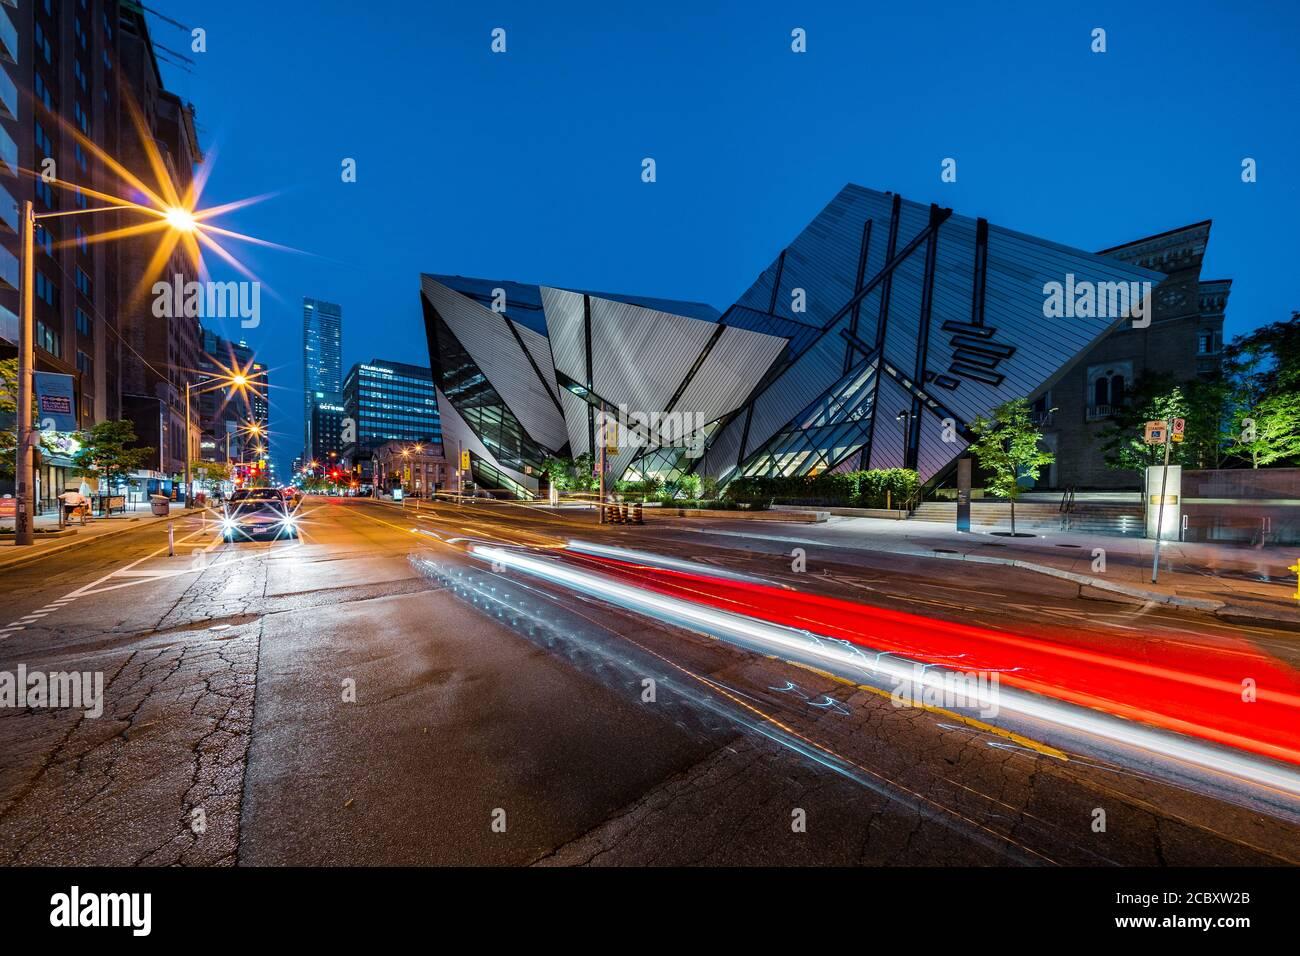 Vista nocturna del monumento arquitectónico Royal Ontario Museum alias The ROM en Toronto, Ontario, Canadá. Foto de stock